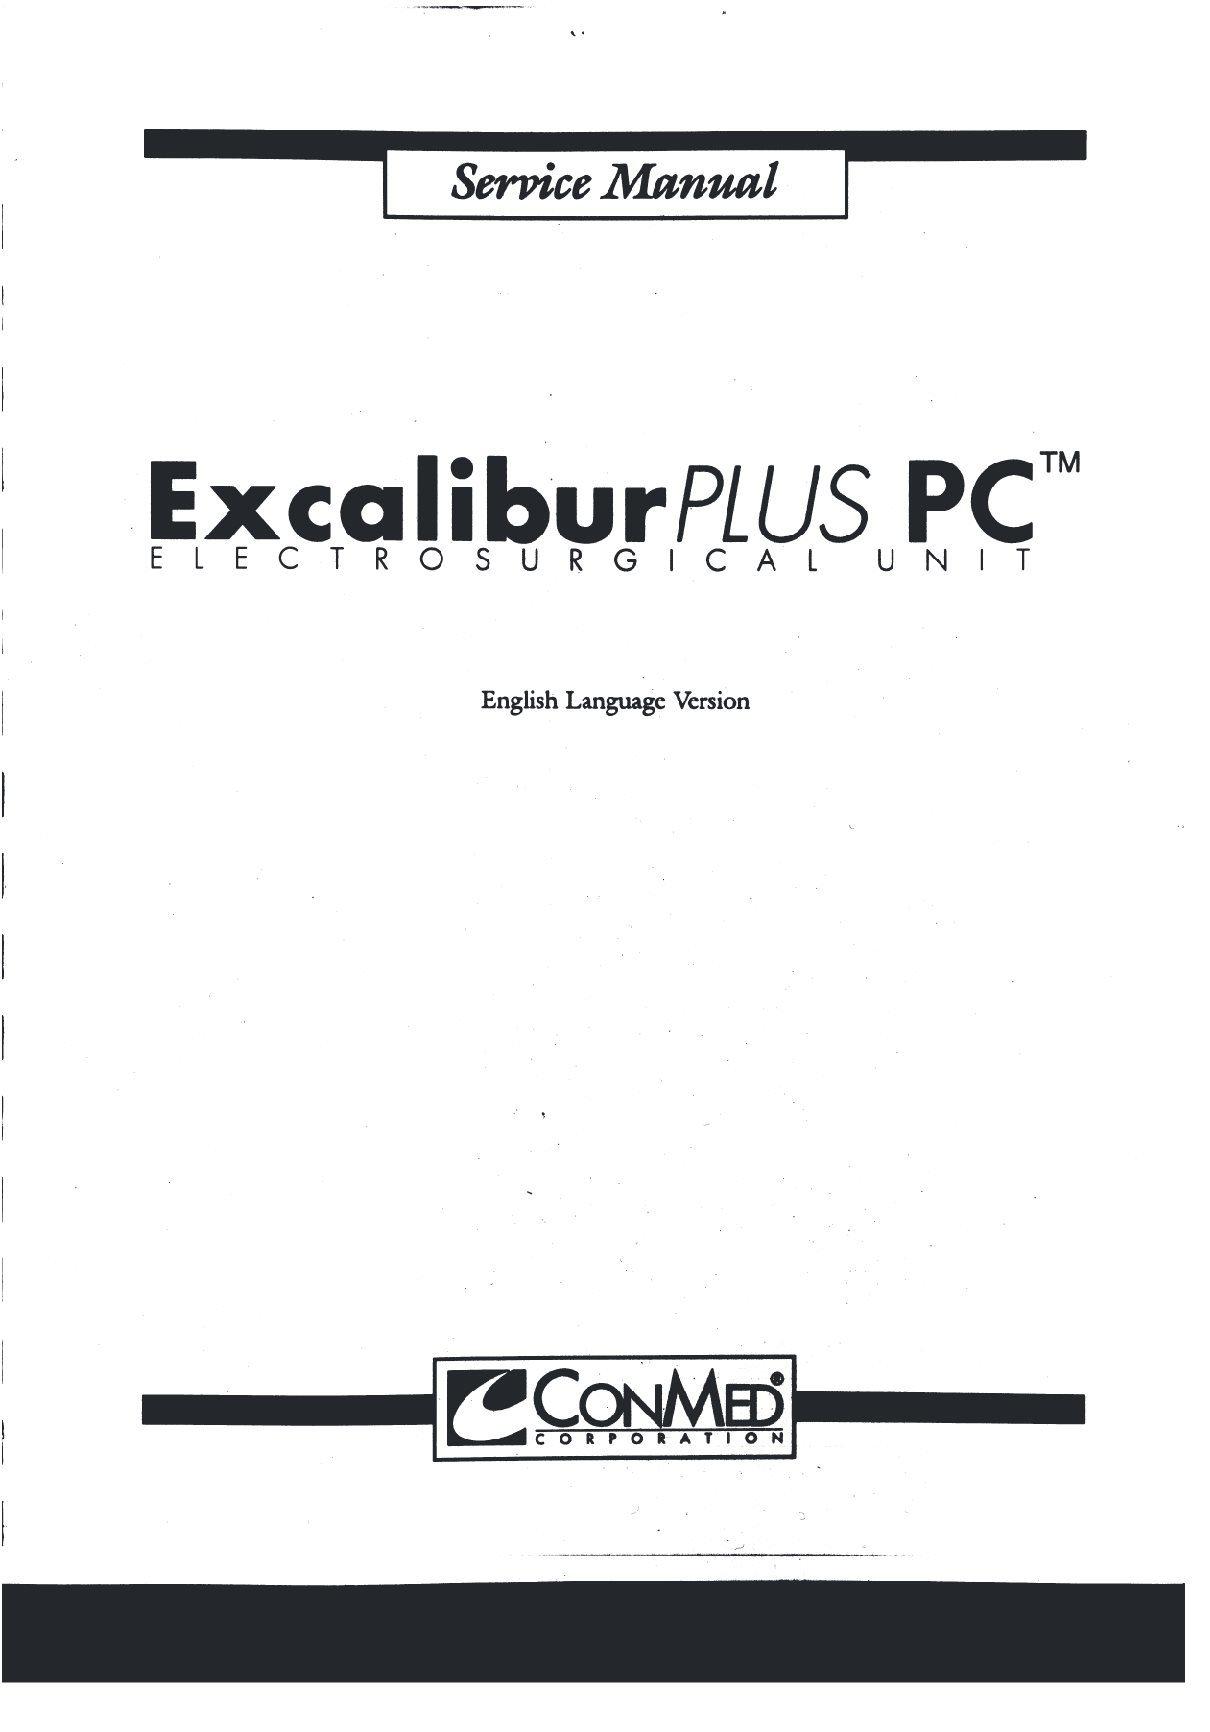 Conmed Excalibur Plus PC ICU Service manual